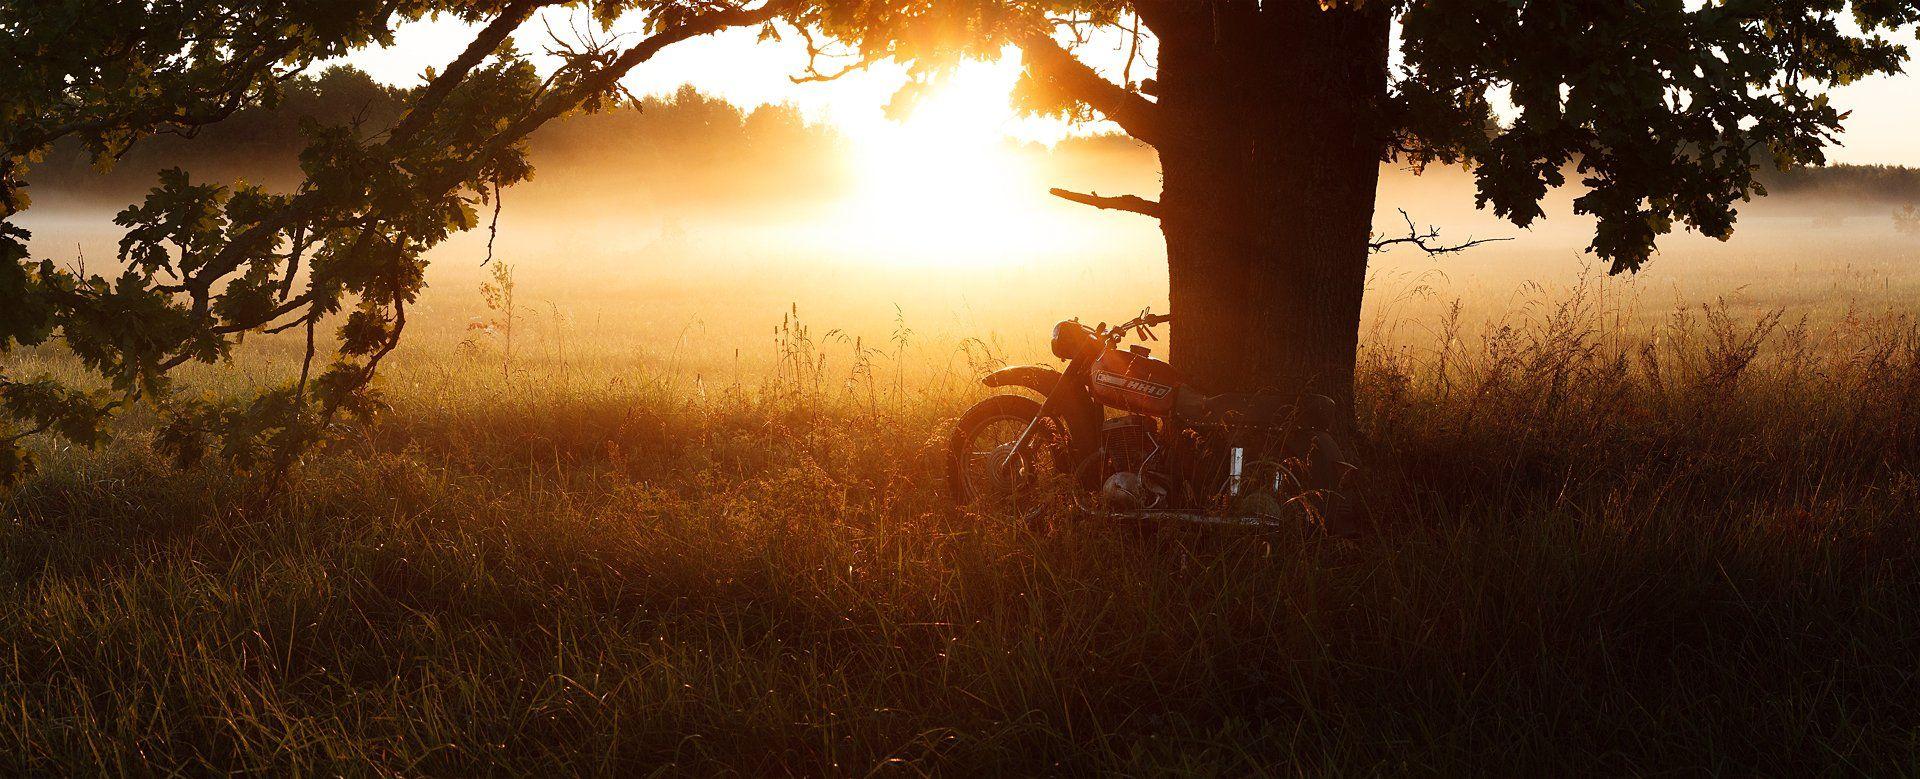 утро, туман, дуб, иж, брянск, алексей платонов, пейзаж,old grandfather izh, Платонов Алексей